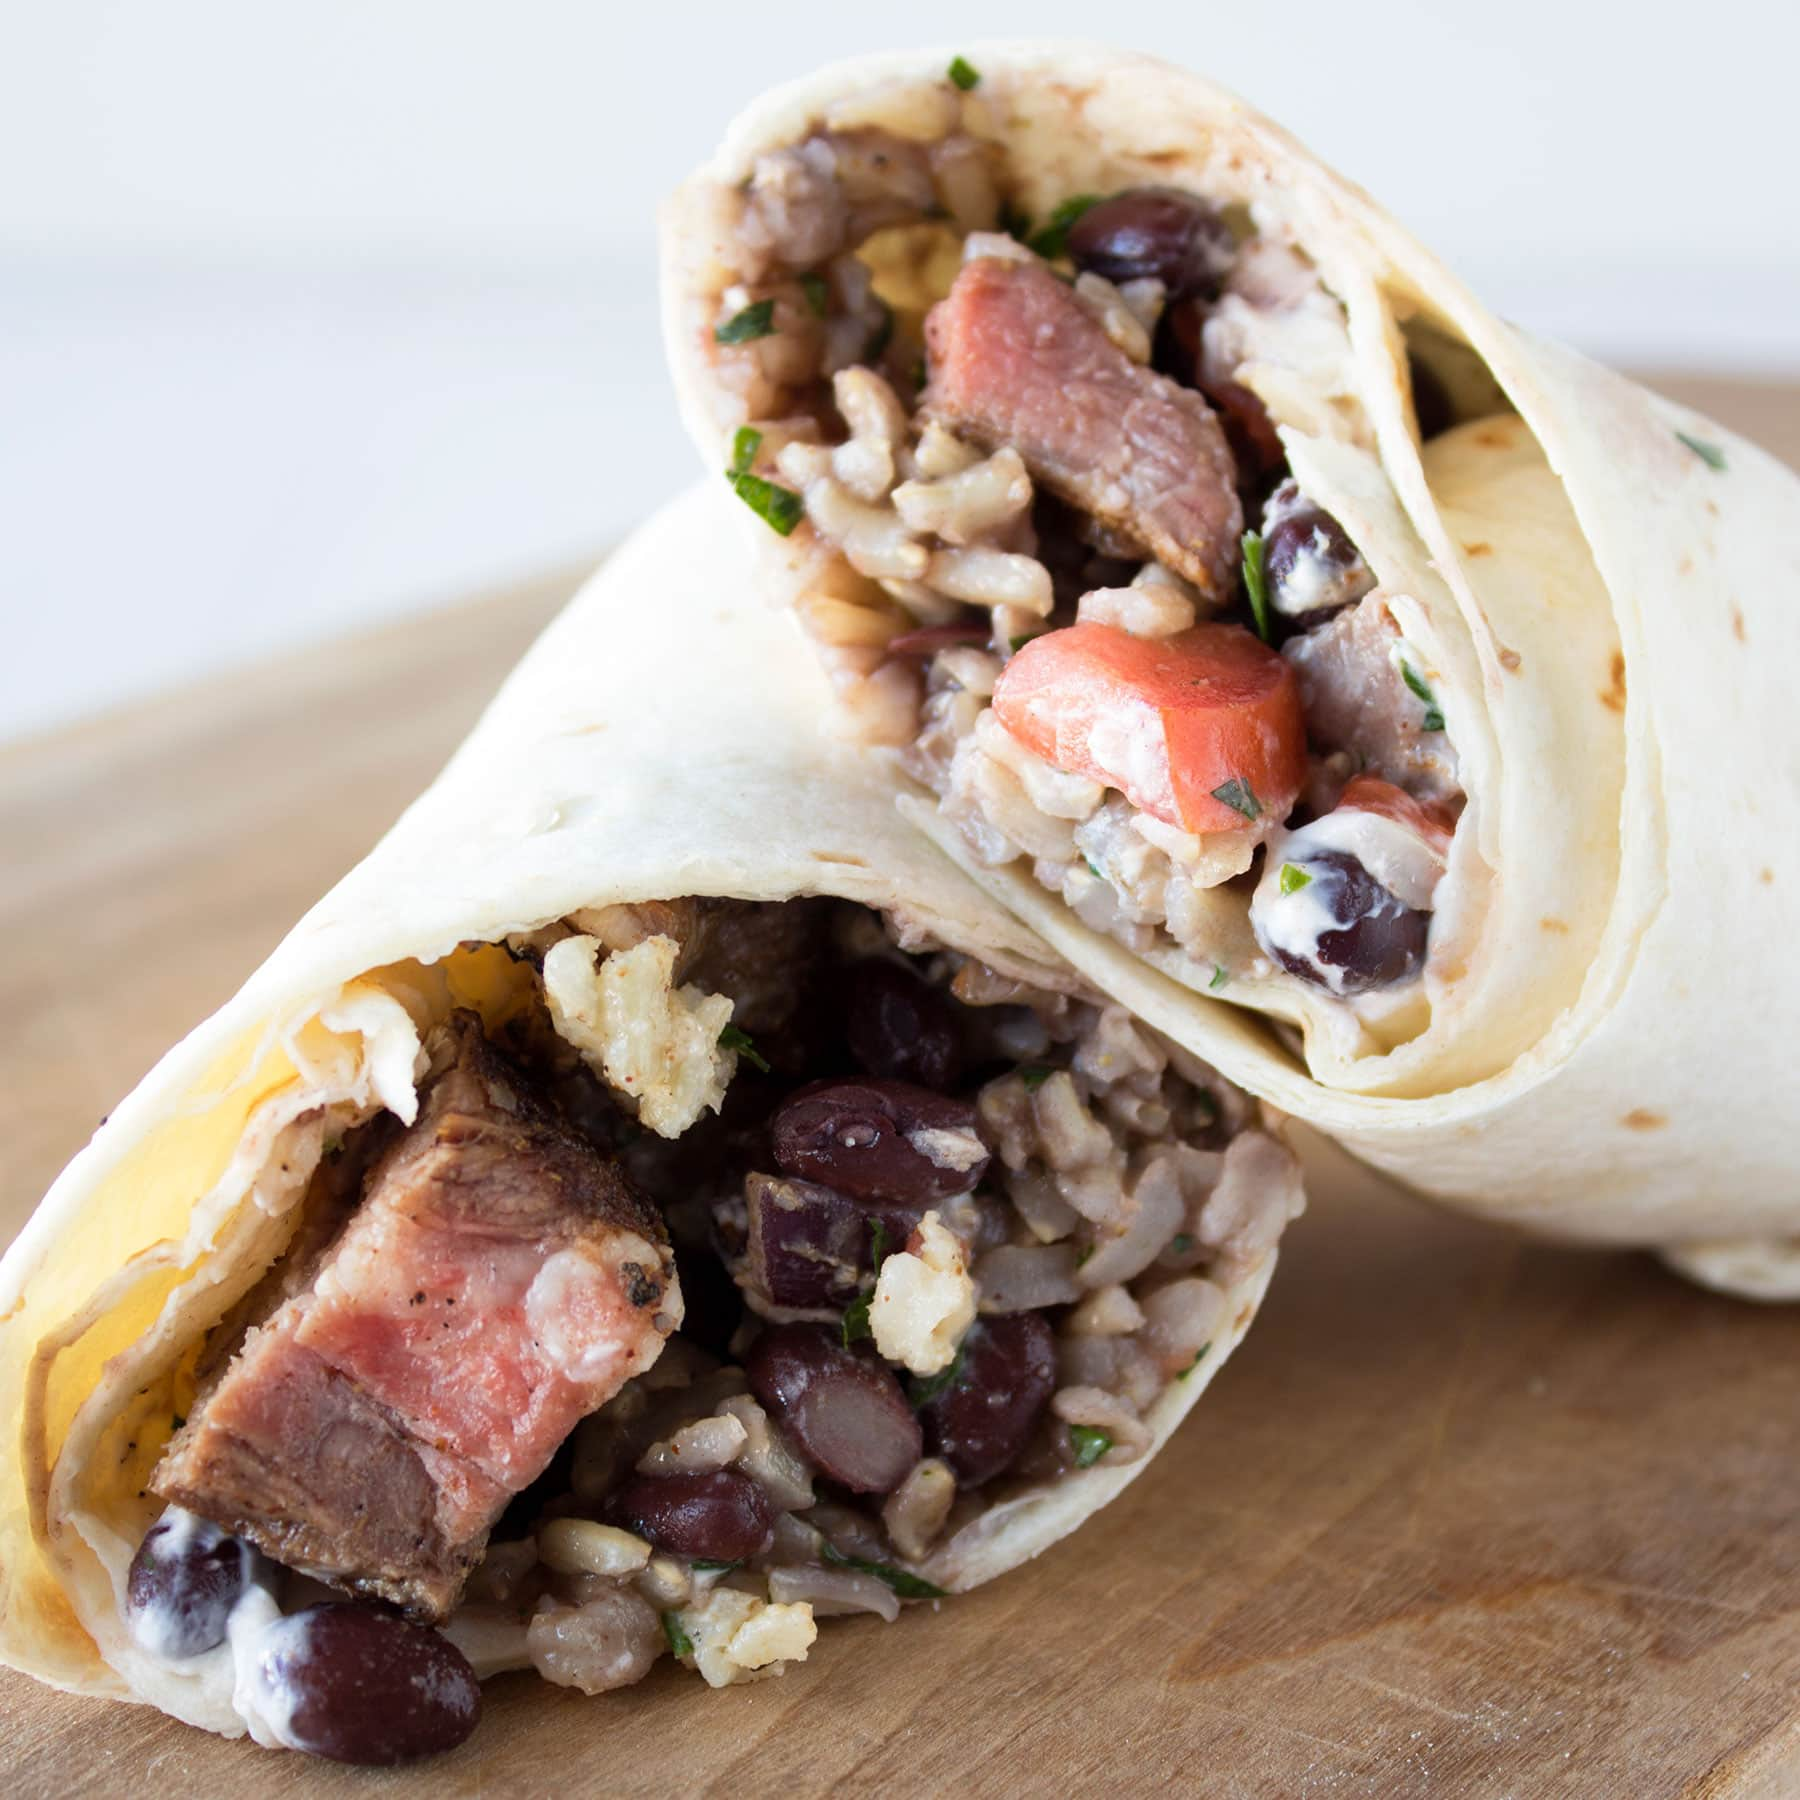 Chipotle copycat Steak Burritos